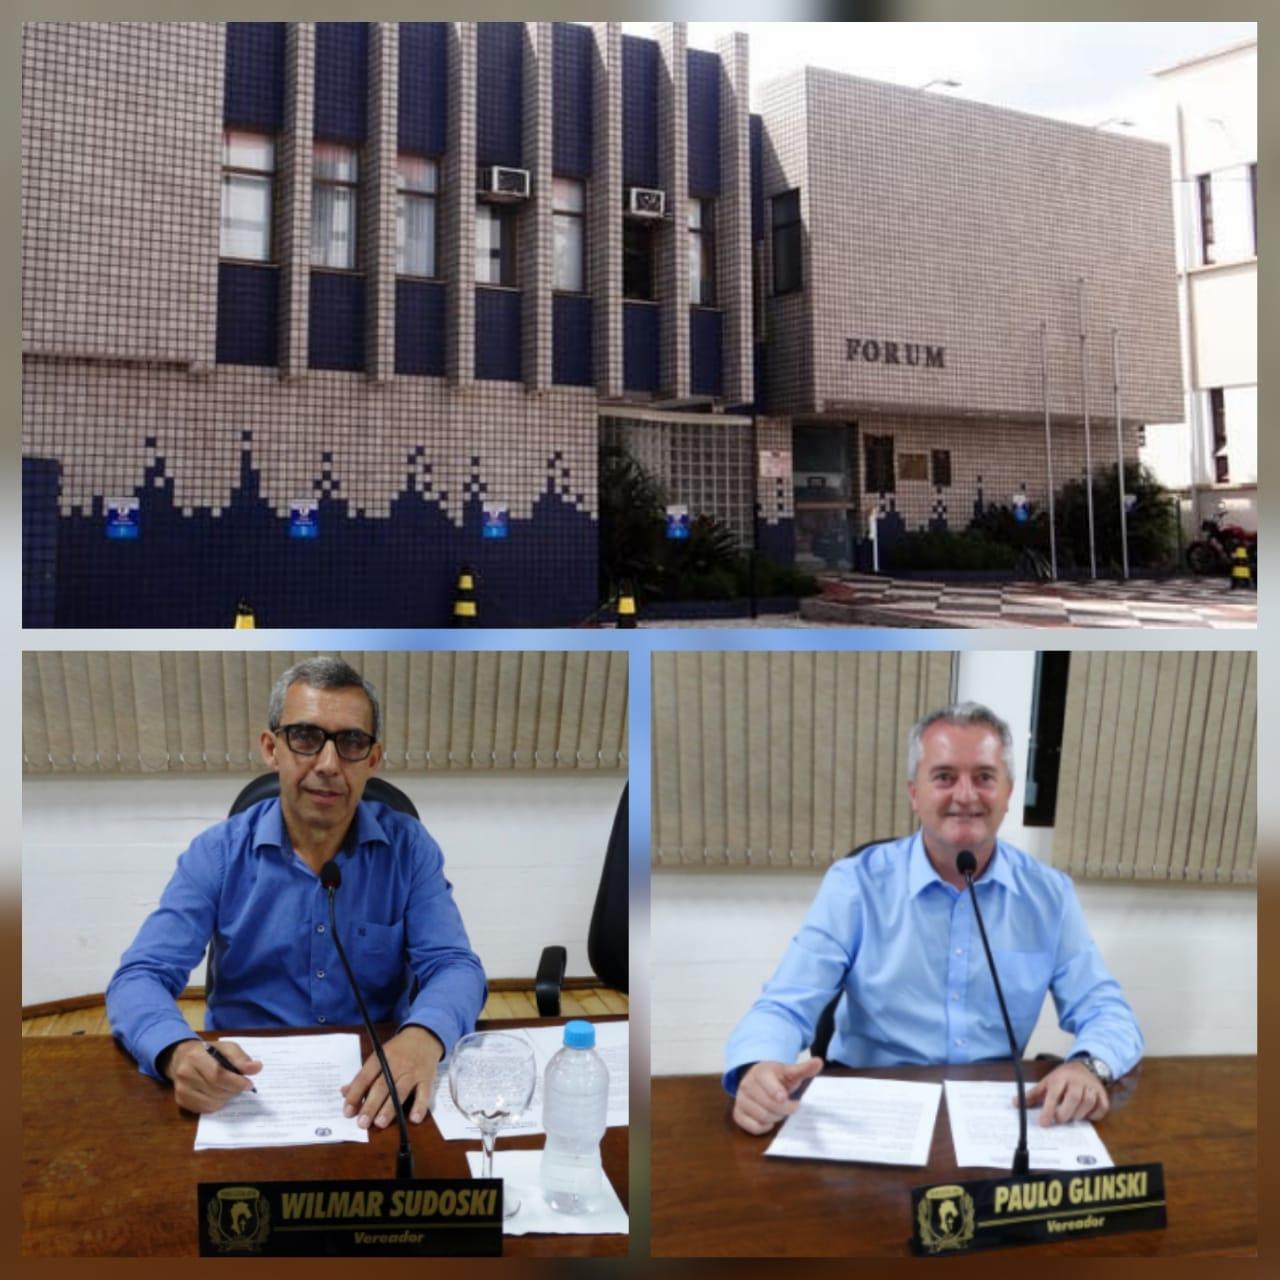 Paulo Glinski e Wilmar Sudoski recebem posicionamento do Tribunal de Justiça para doação ao município do antigo imóvel Fórum de Canoinhas